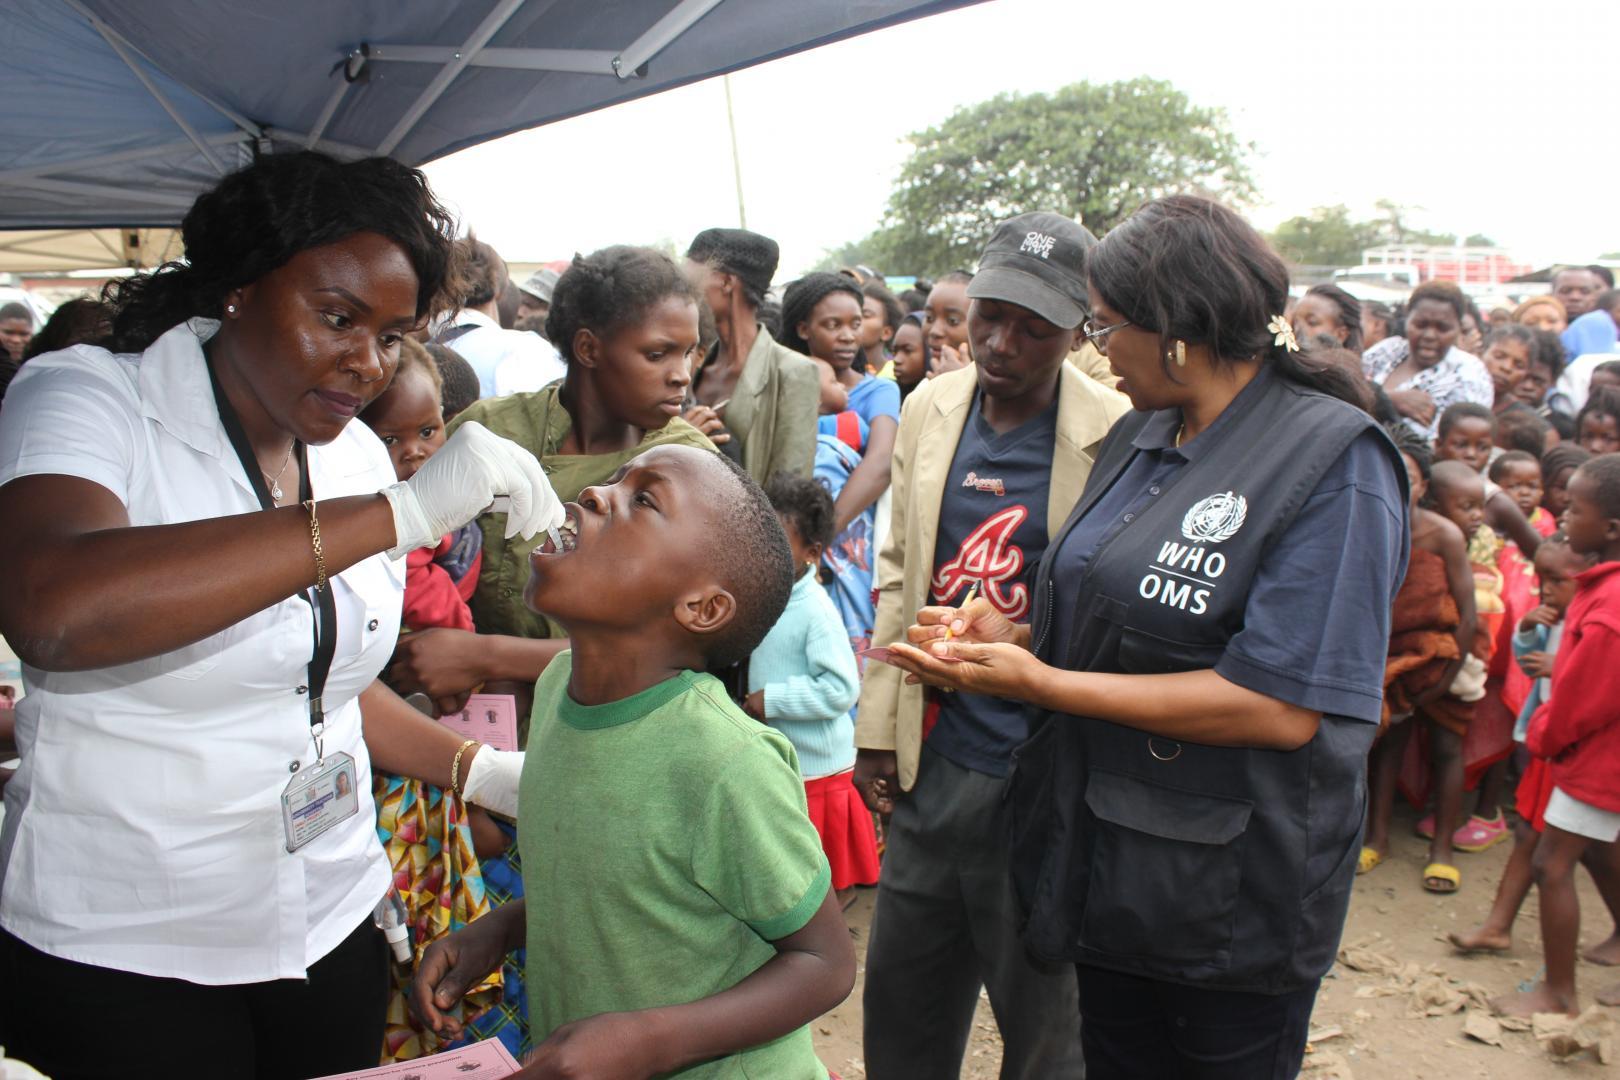 Mass immunisation in Africa